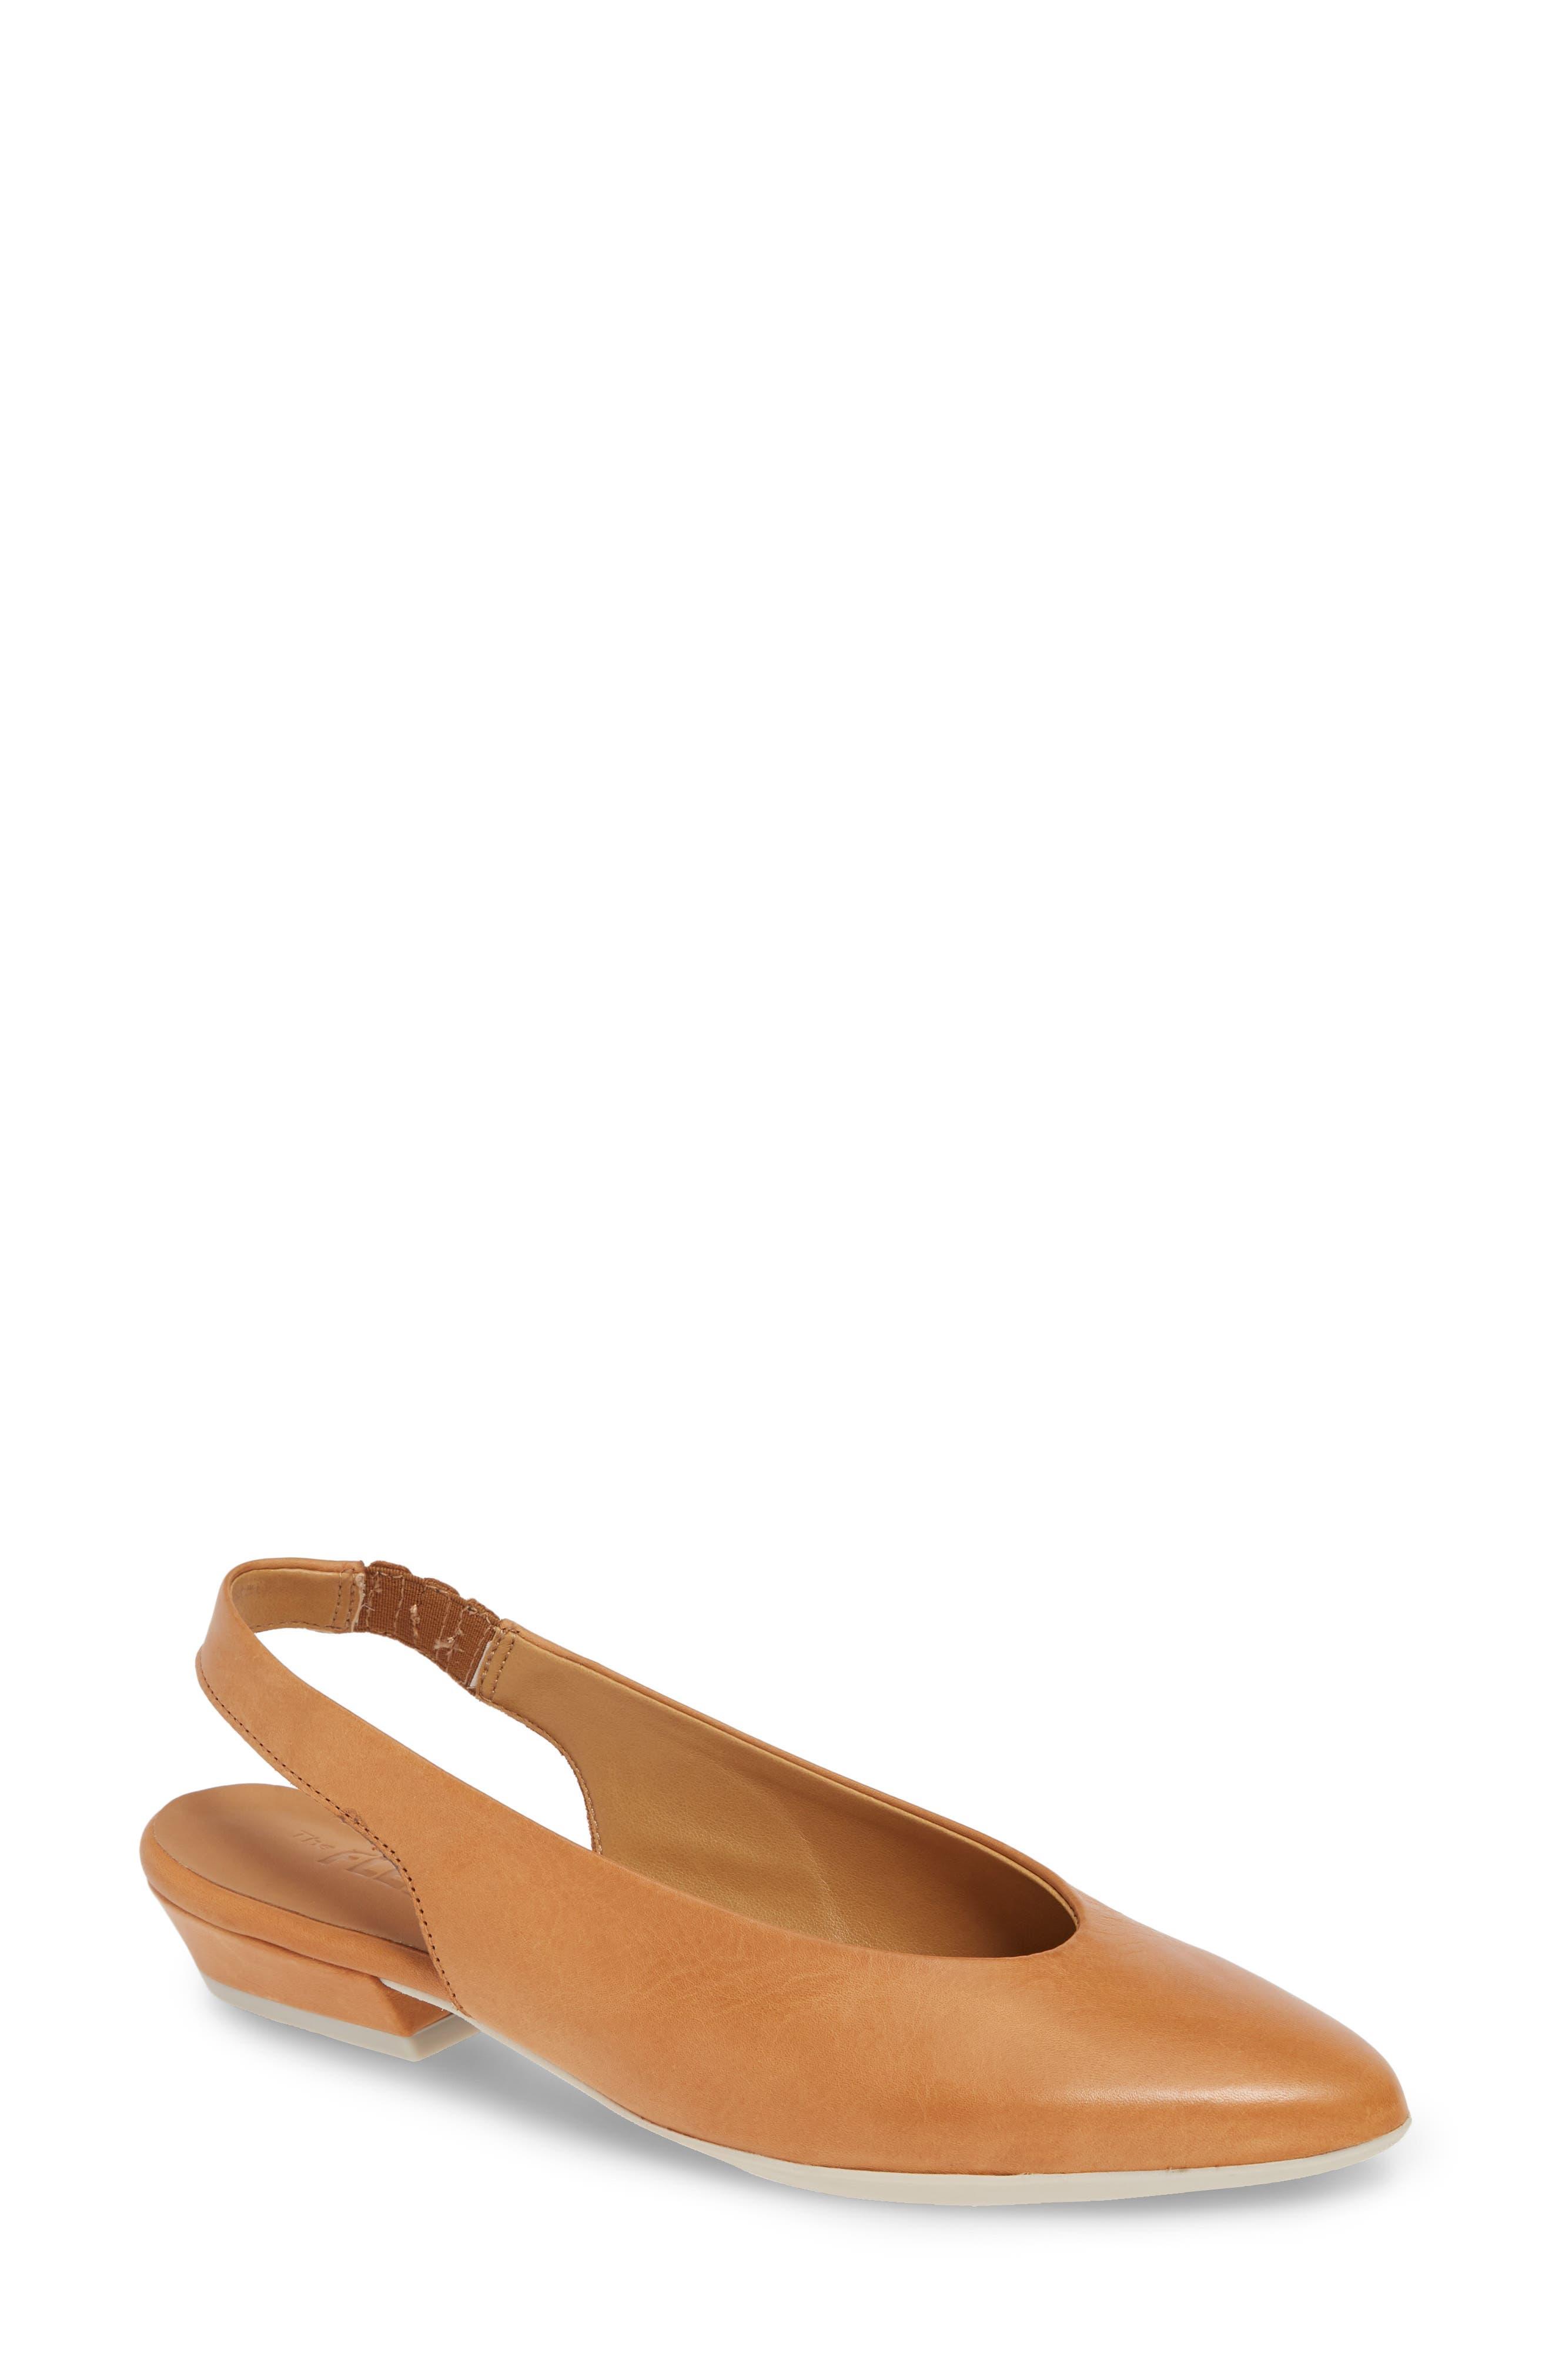 The Flexx Prato Slingback Pump- Brown